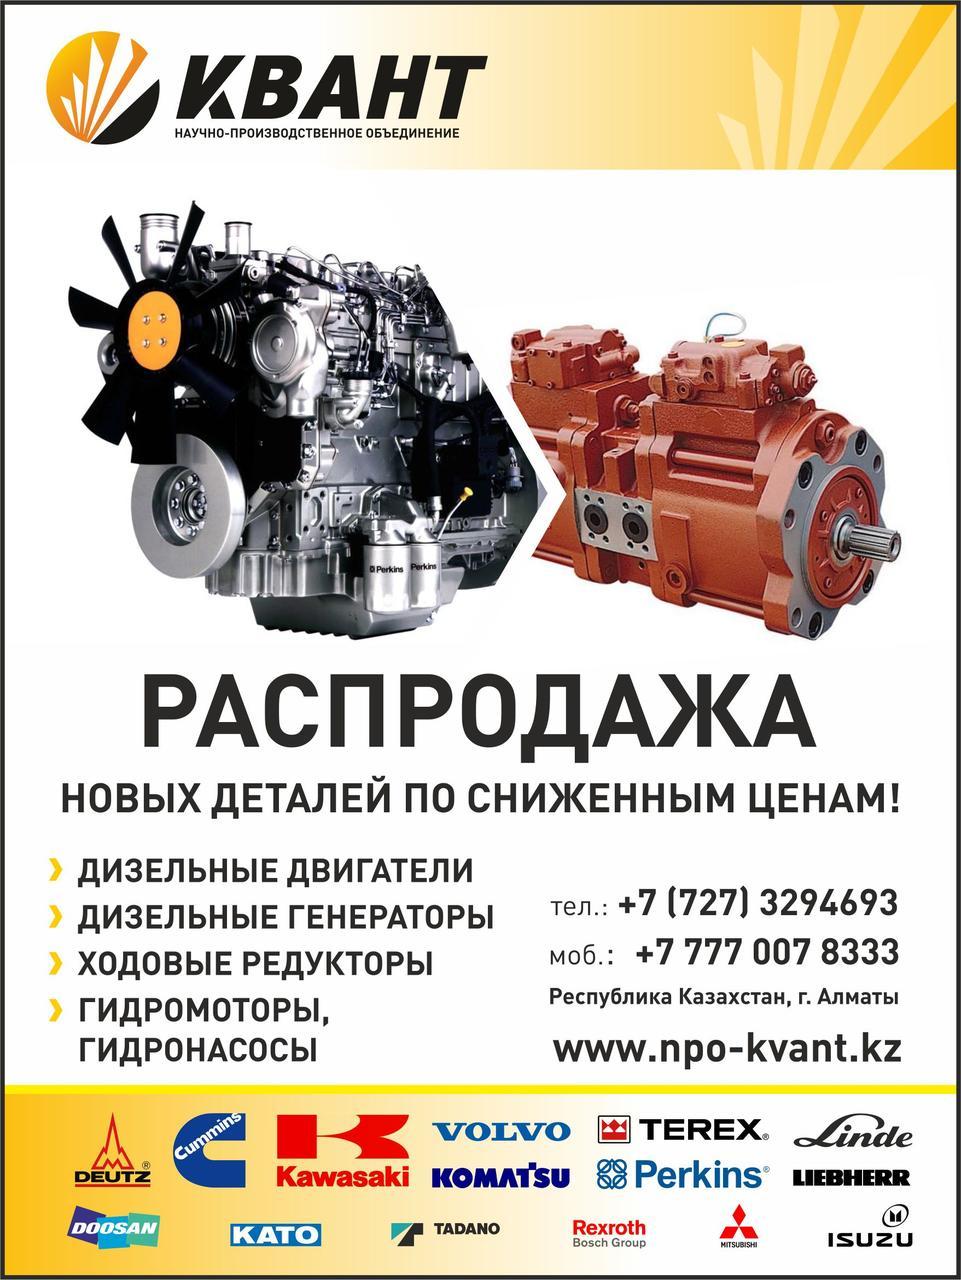 Двигатель Deutz SBV 16M 628, Deutz 16M640, Deutz 16V 616 TBD, Deutz 620 (604B) Marine, Deutz 2013, 2015